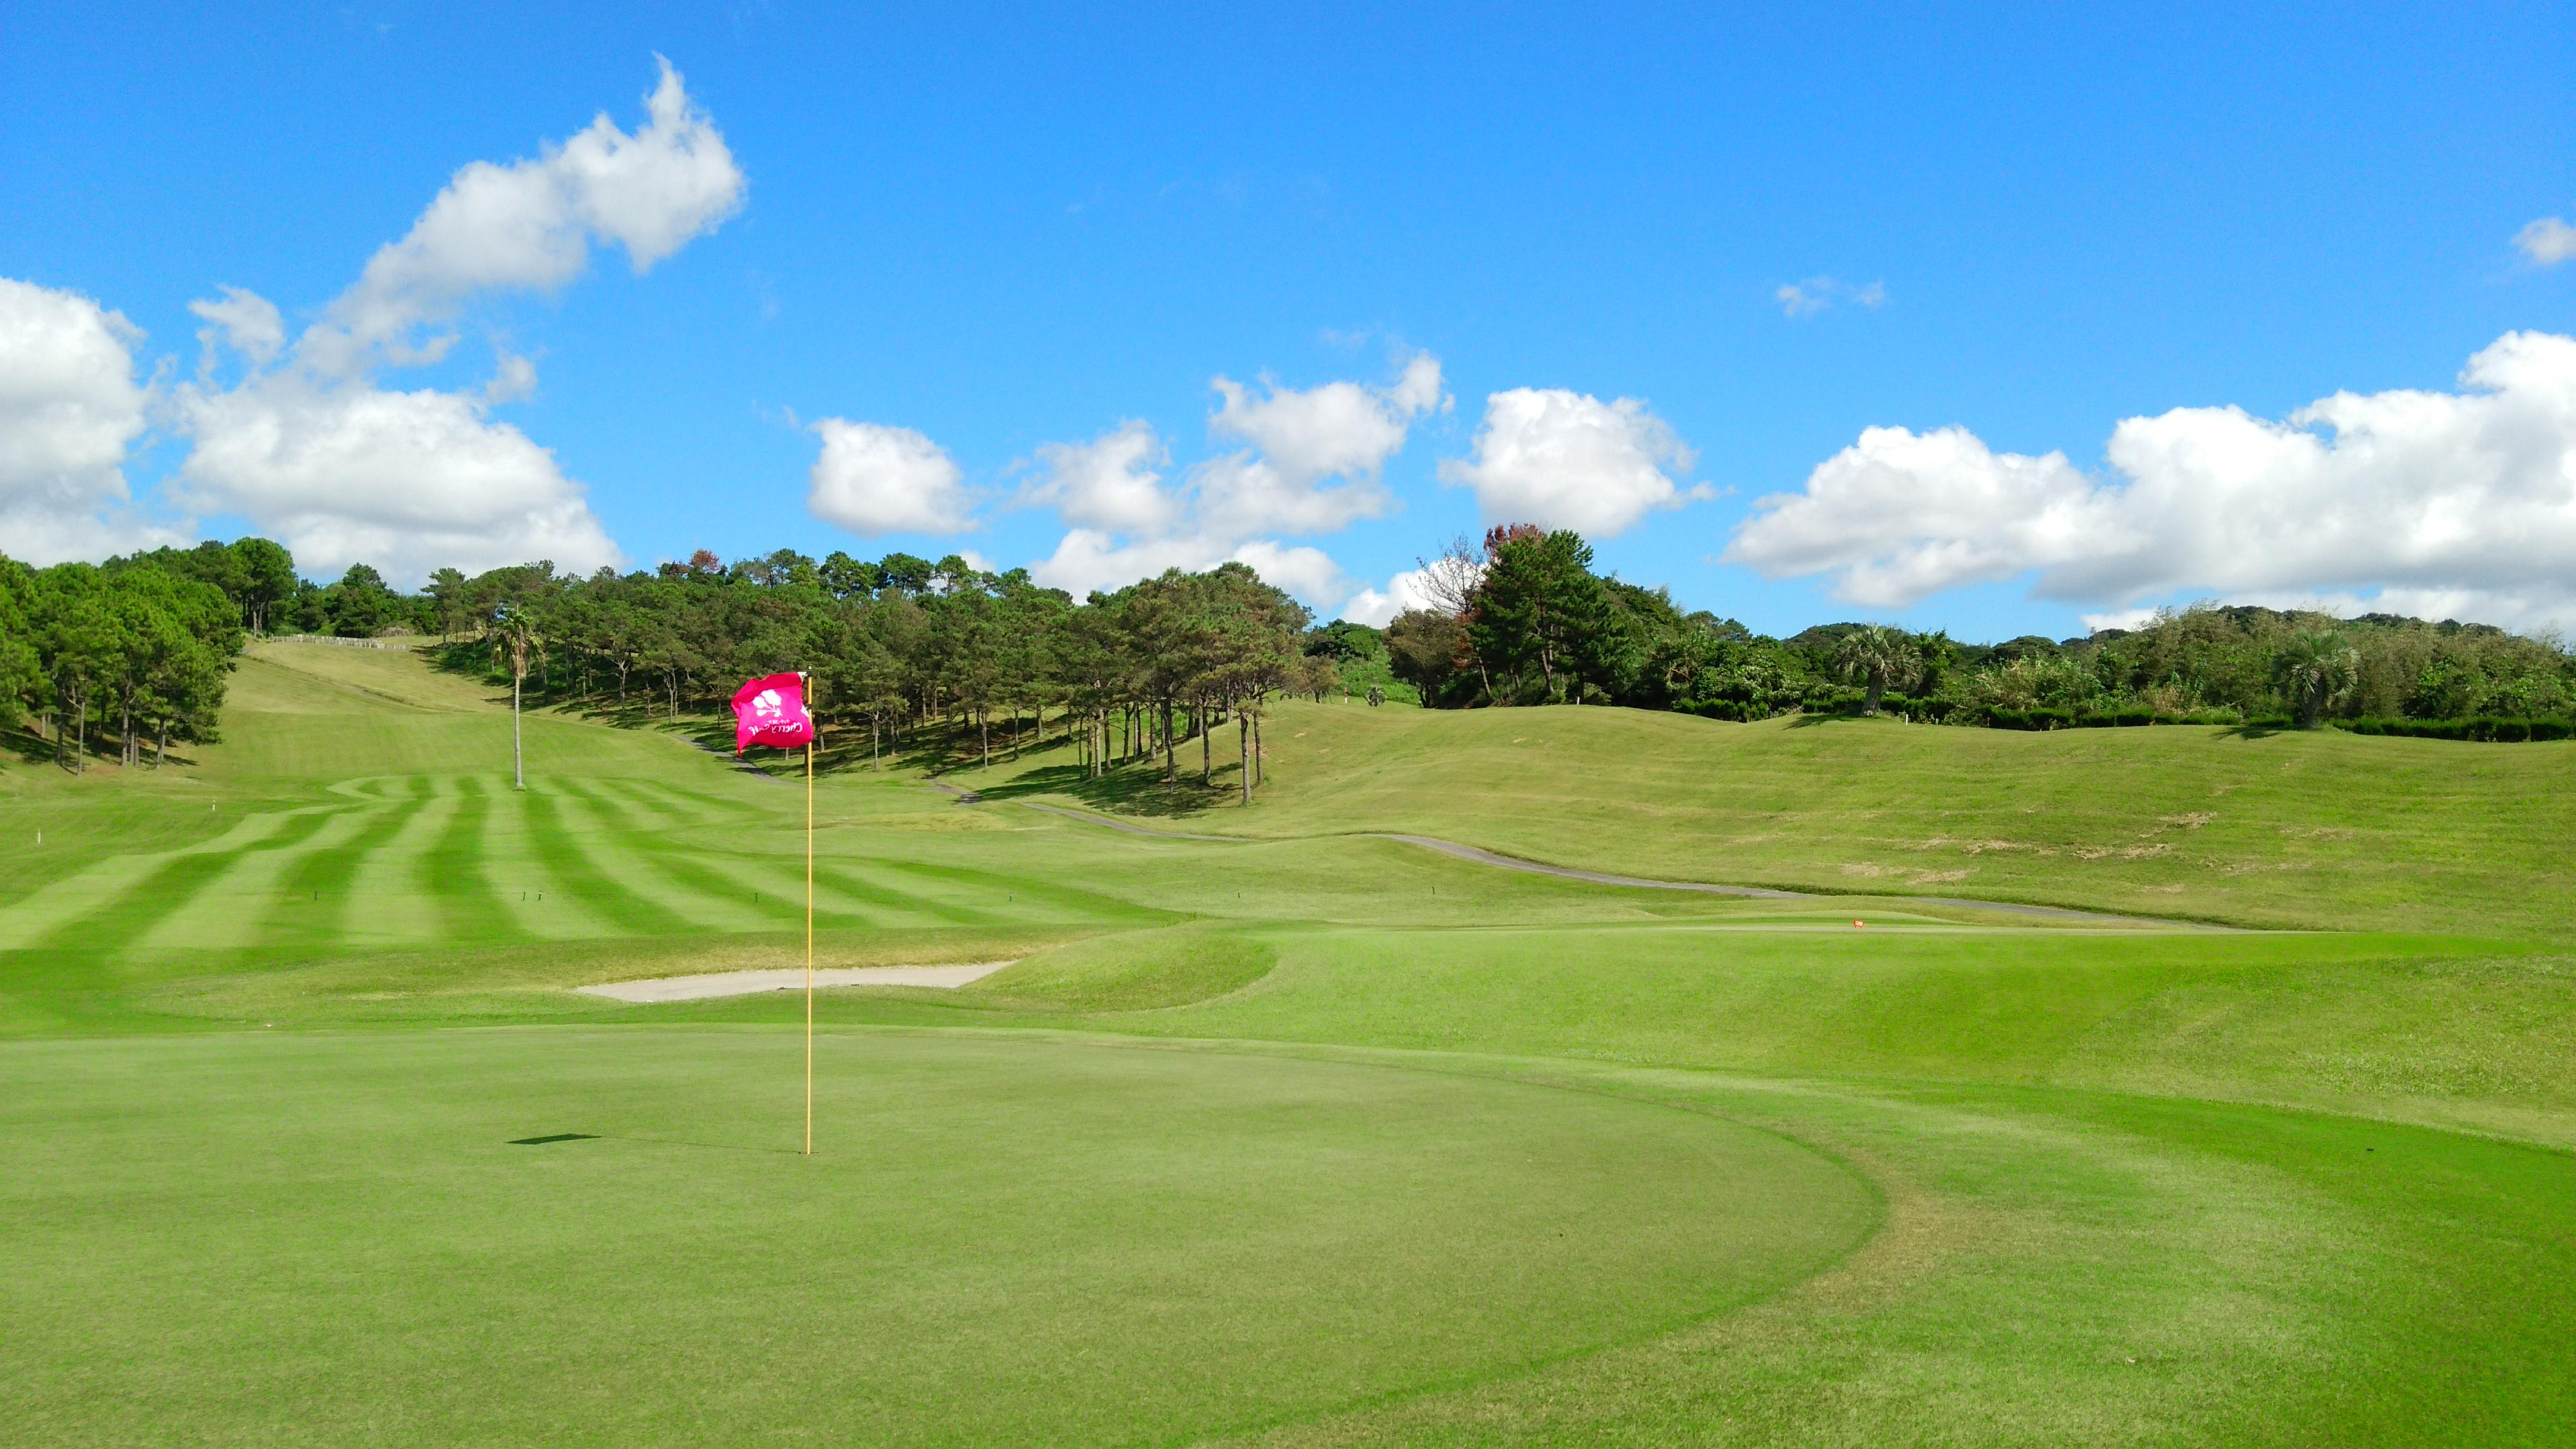 チェリーゴルフ鹿児島シーサイドコース